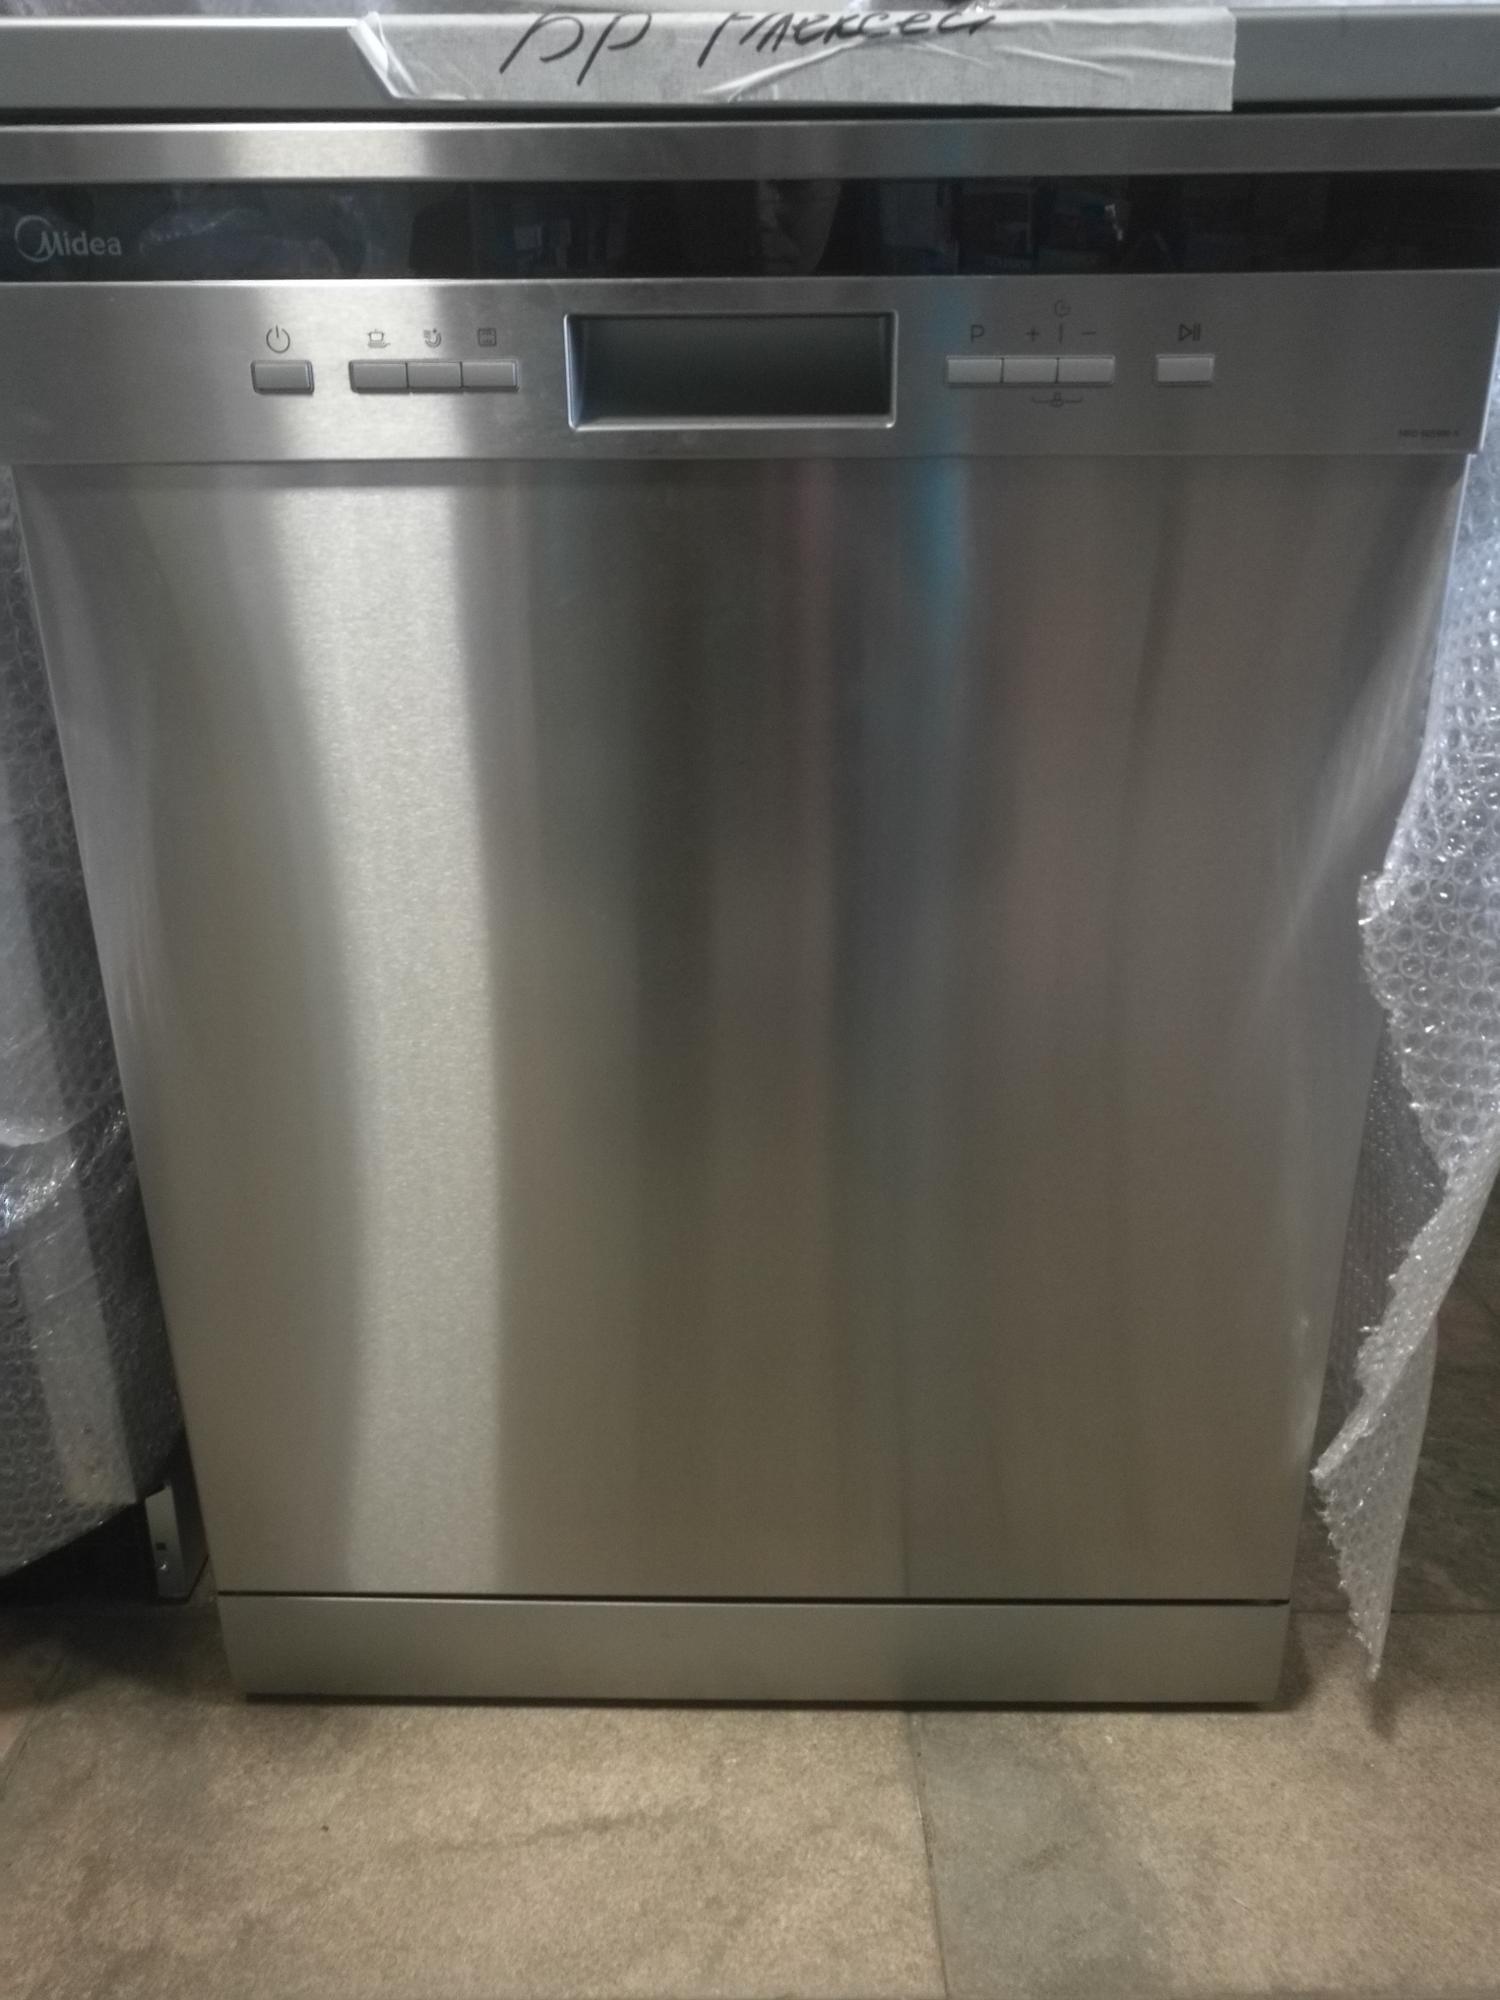 Посудомоечная машина в Королеве 89055853209 купить 1